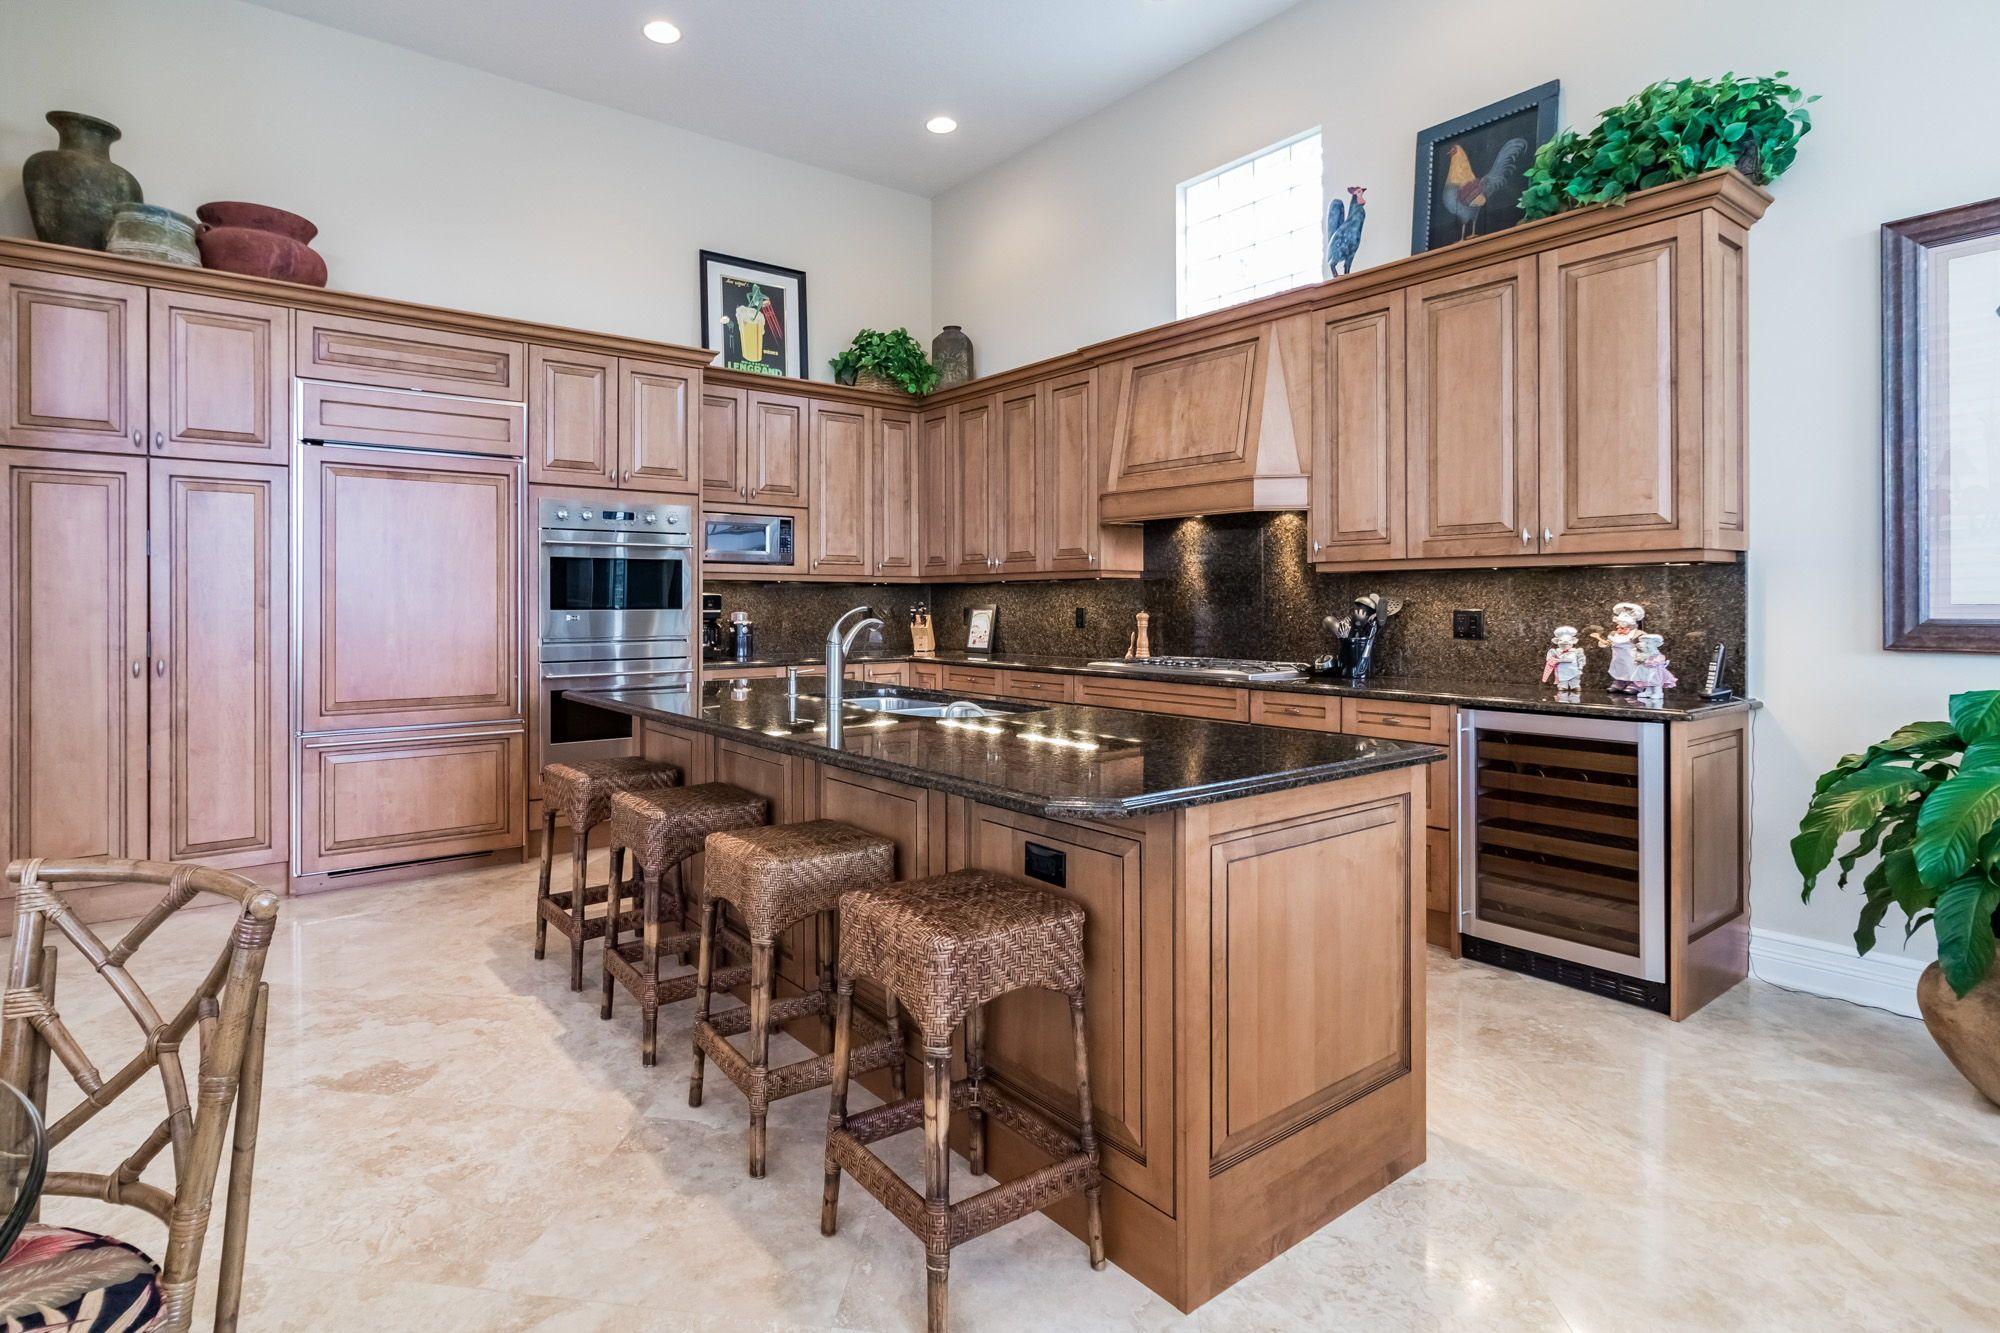 custom kitchen cabinets jupiter fl - iwn kitchen